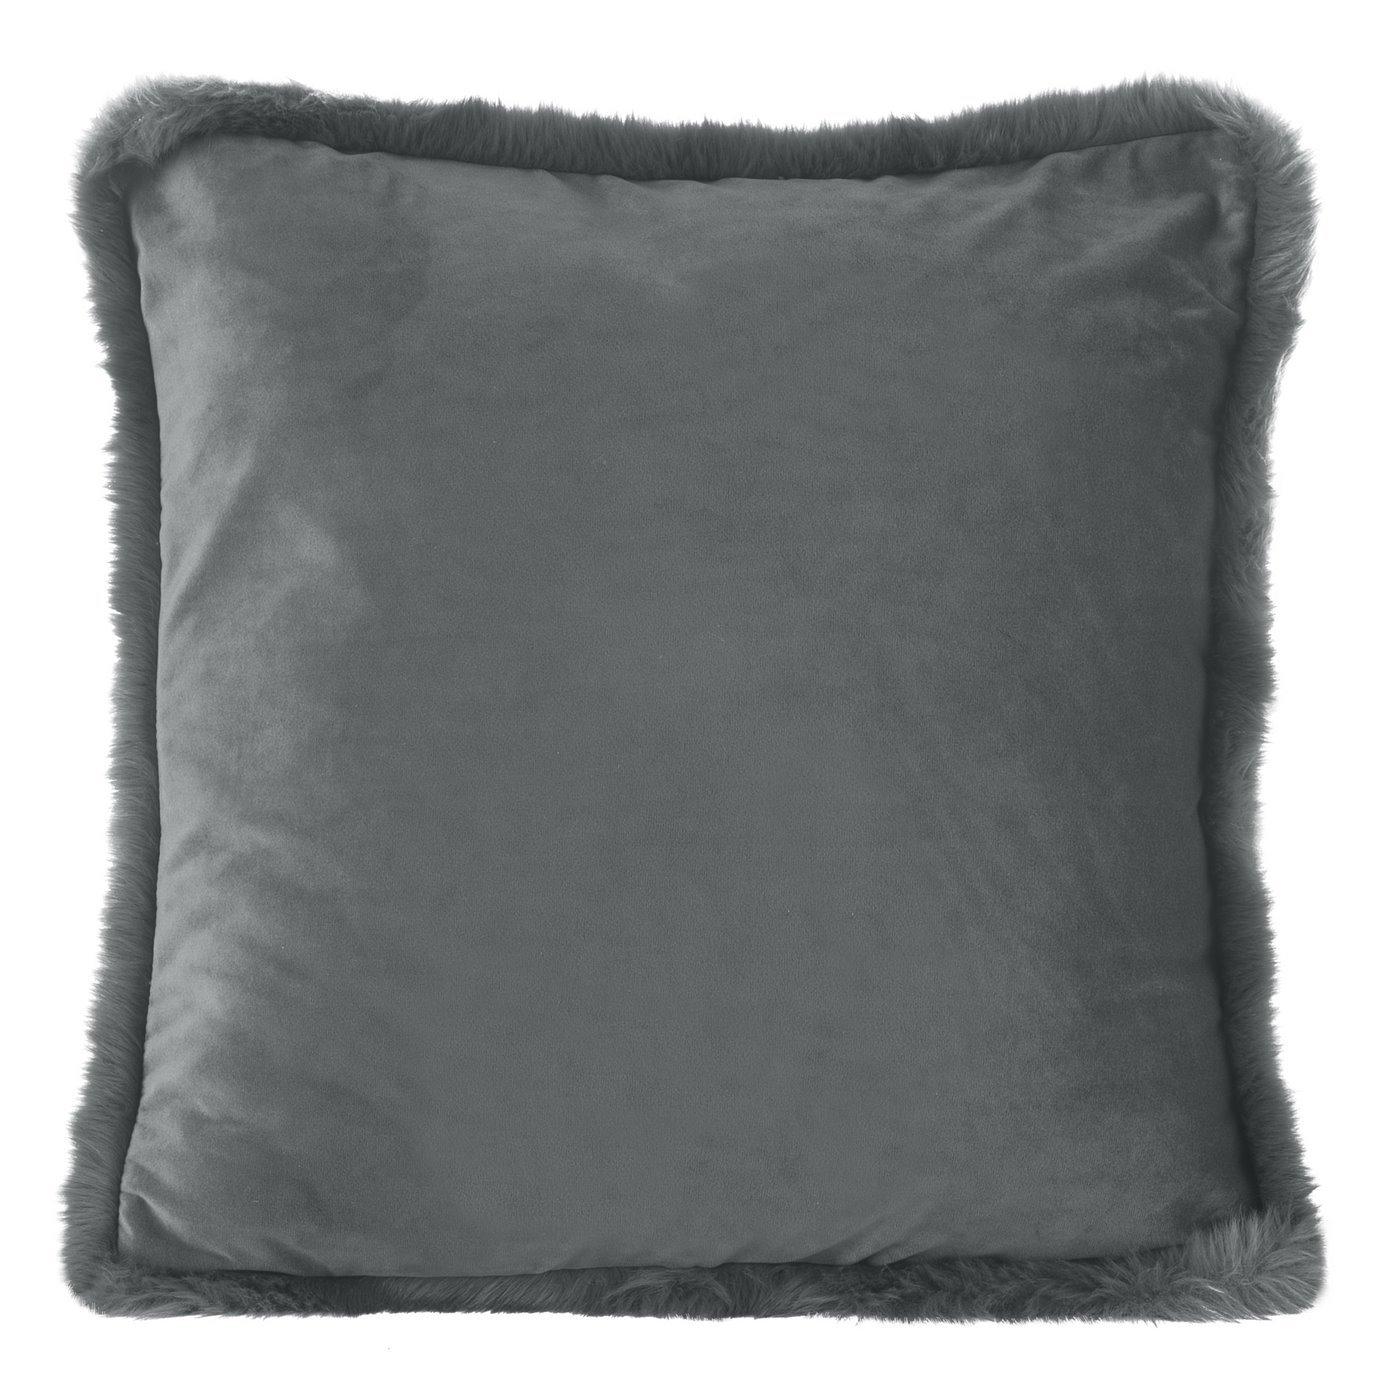 Poszewka na poduszkę 45 x 45 cm szara z futerkowym obszyciem